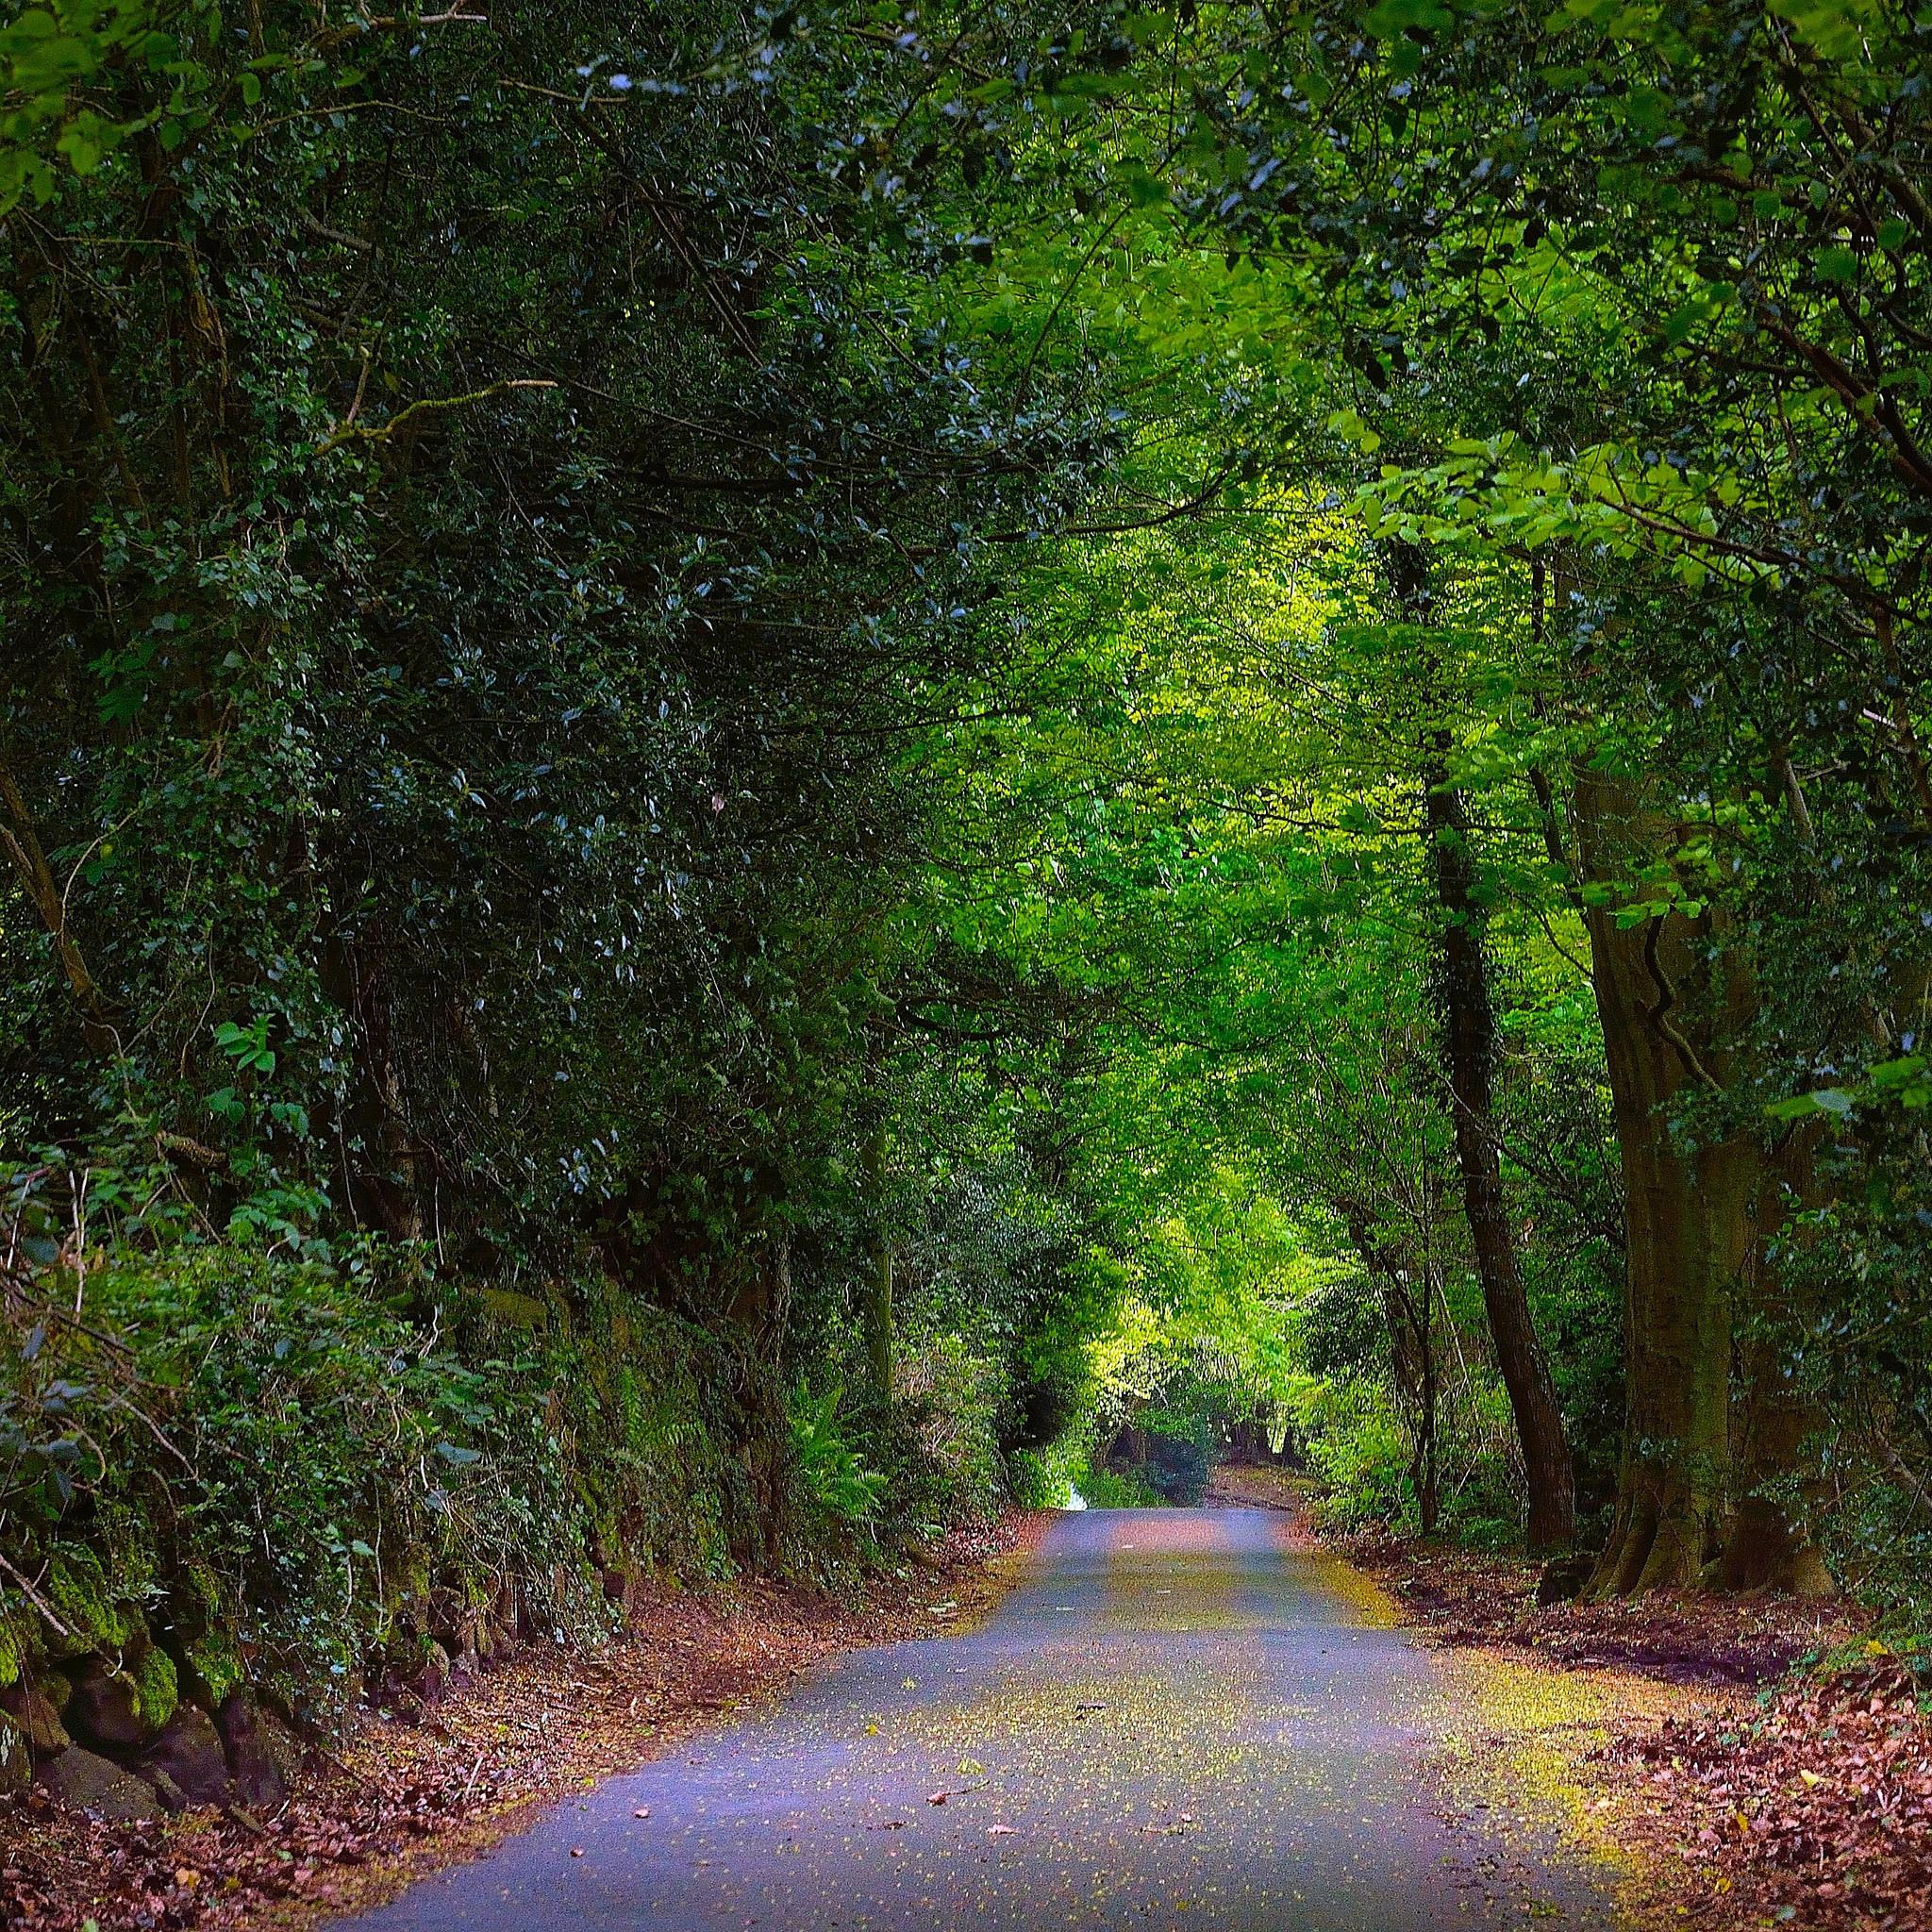 дорога в лесу вертикальные картинки стоит отметить